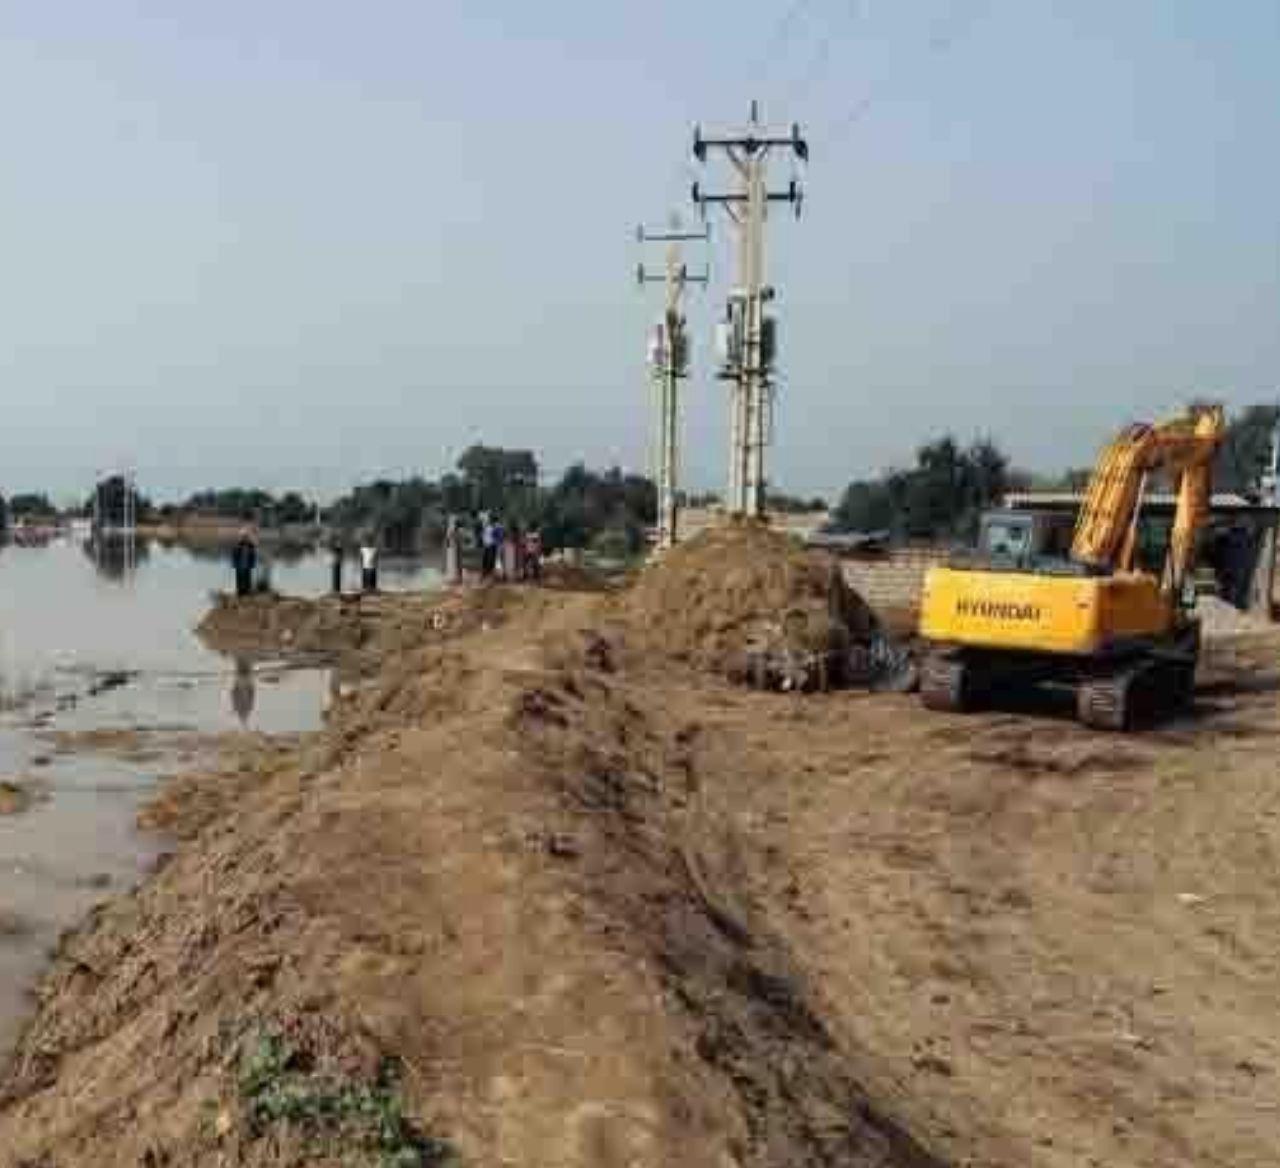 IMG 20200329 181755 063 ترس از طغیان رودکارون باعث ترمیم سیل بندهای روستاهای خرمشهر شد